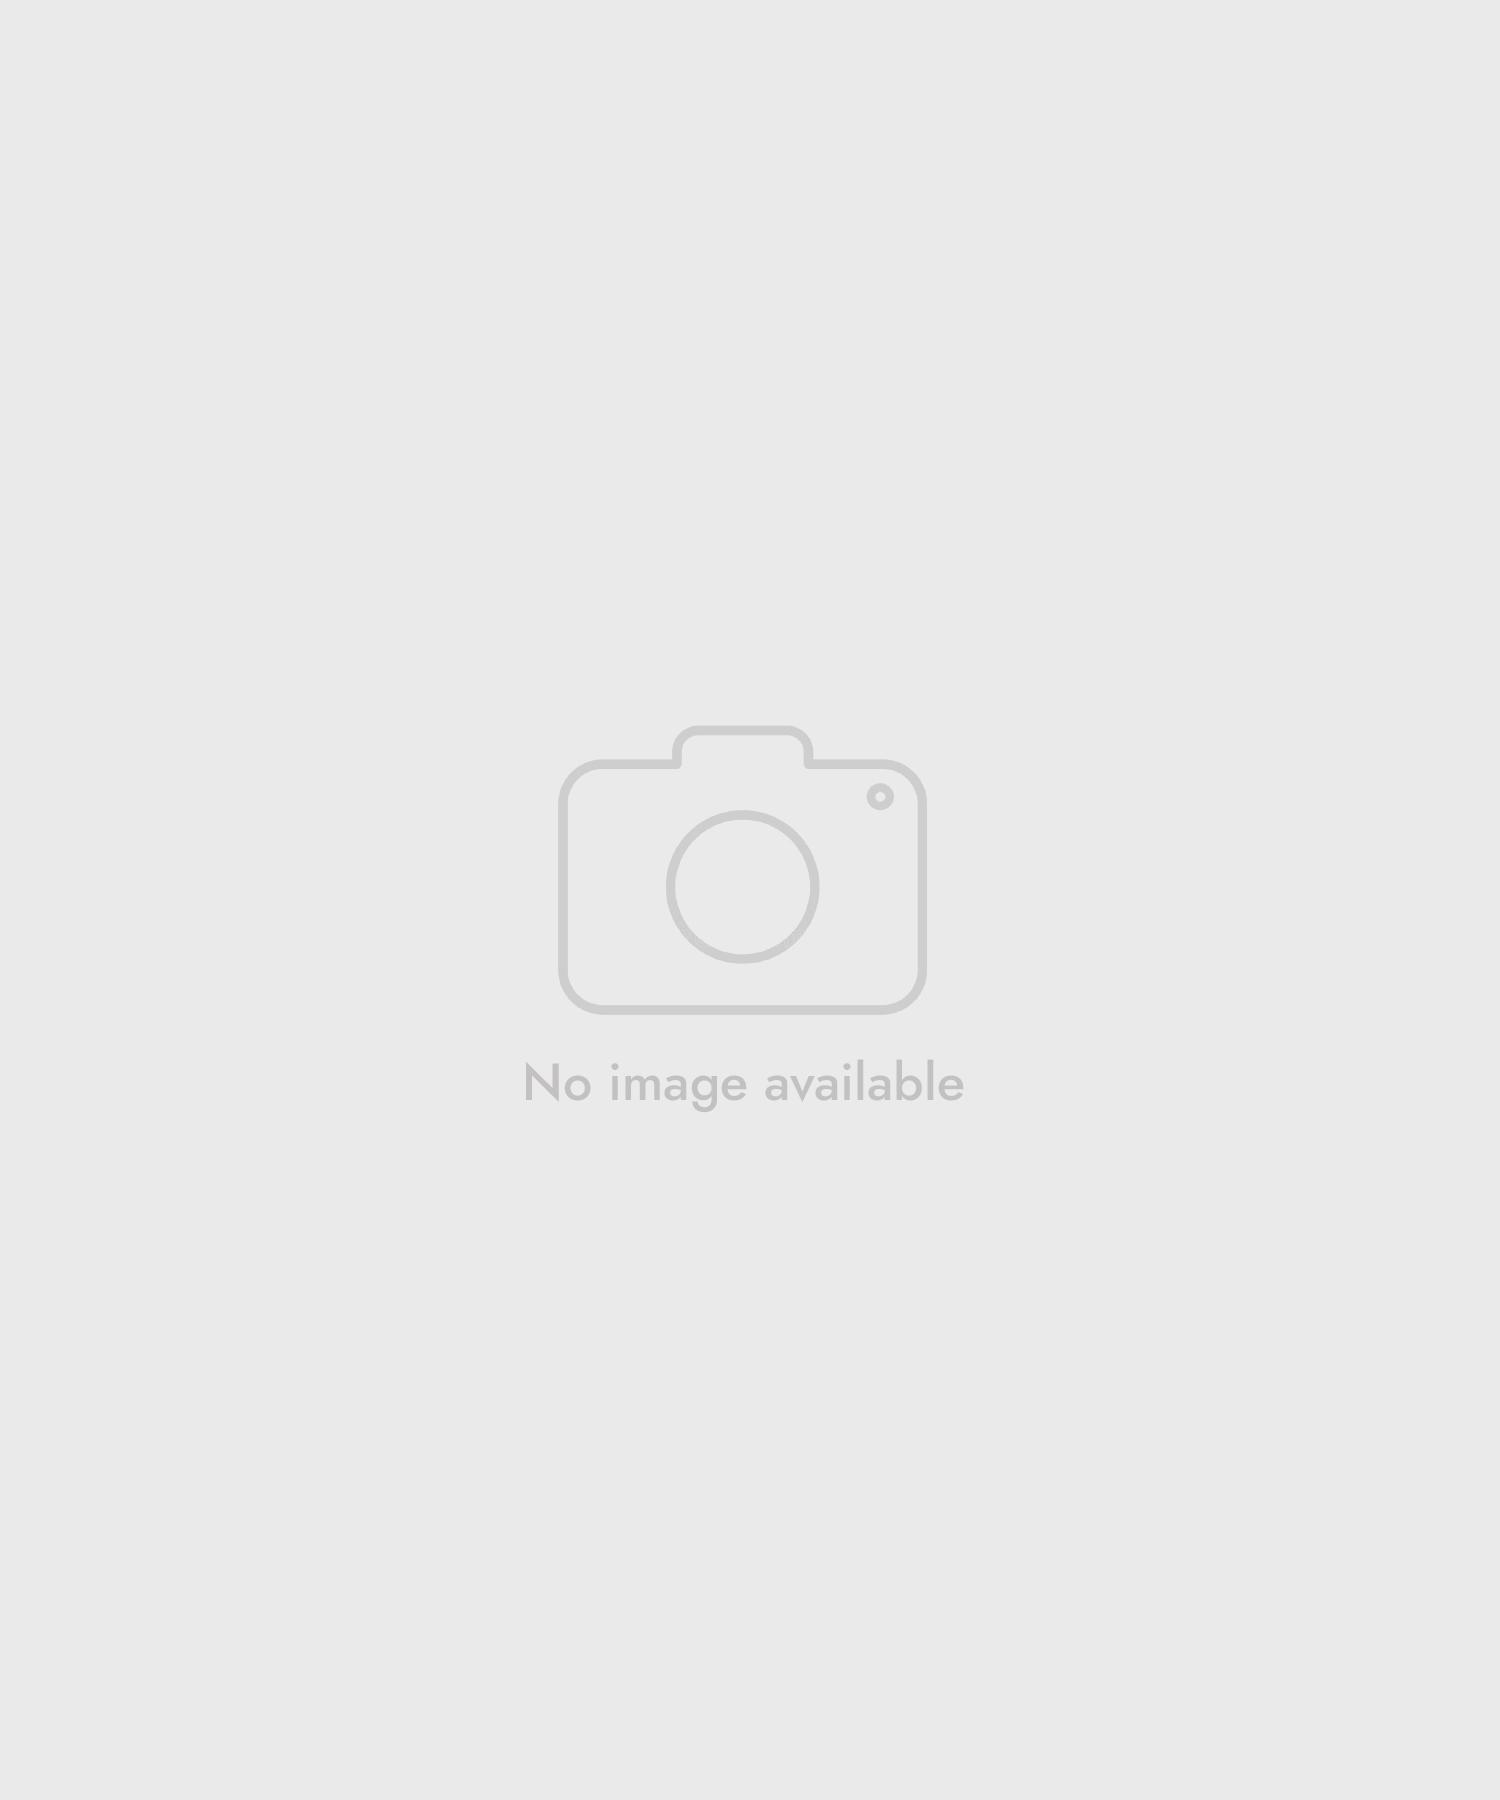 Srebrna torebka damska